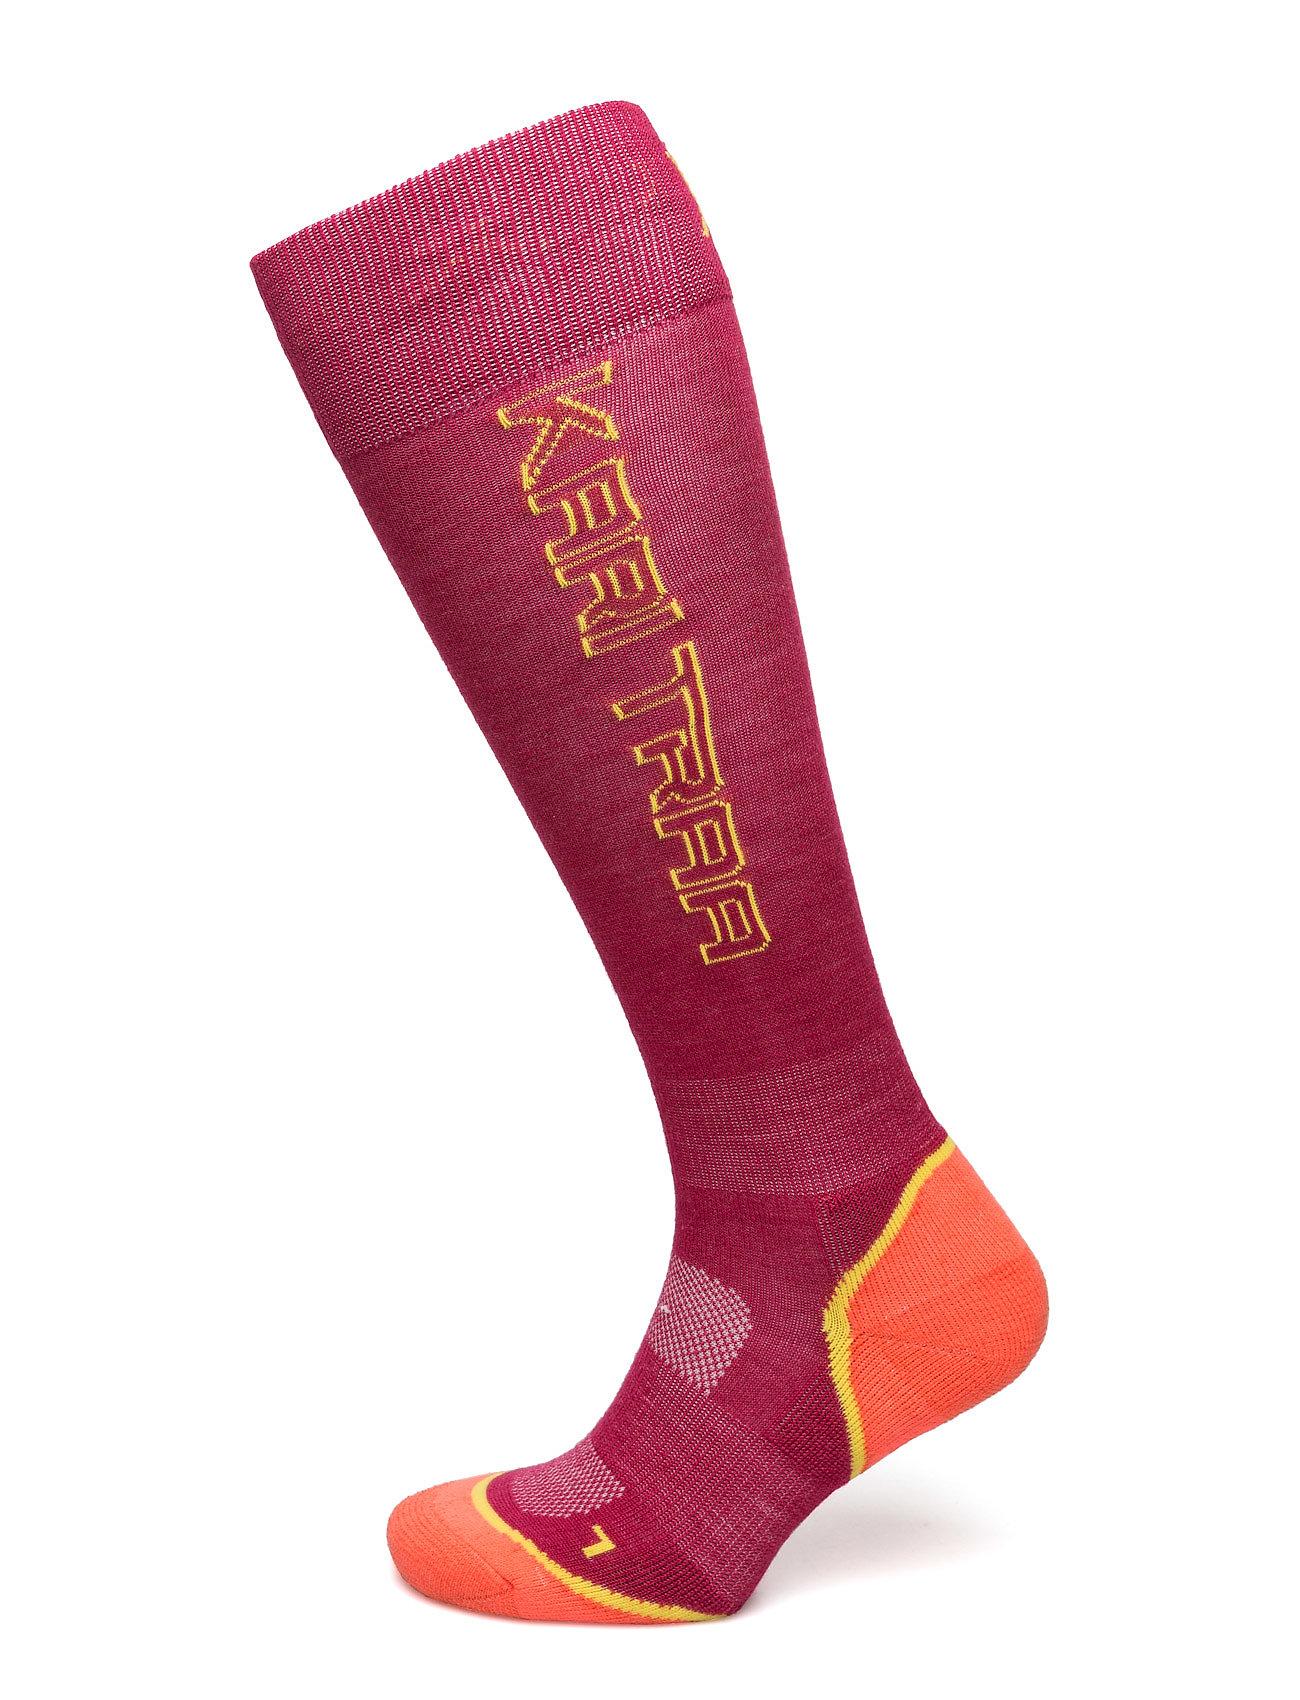 Svala Sock Kari Traa Sports undertøj til Damer i